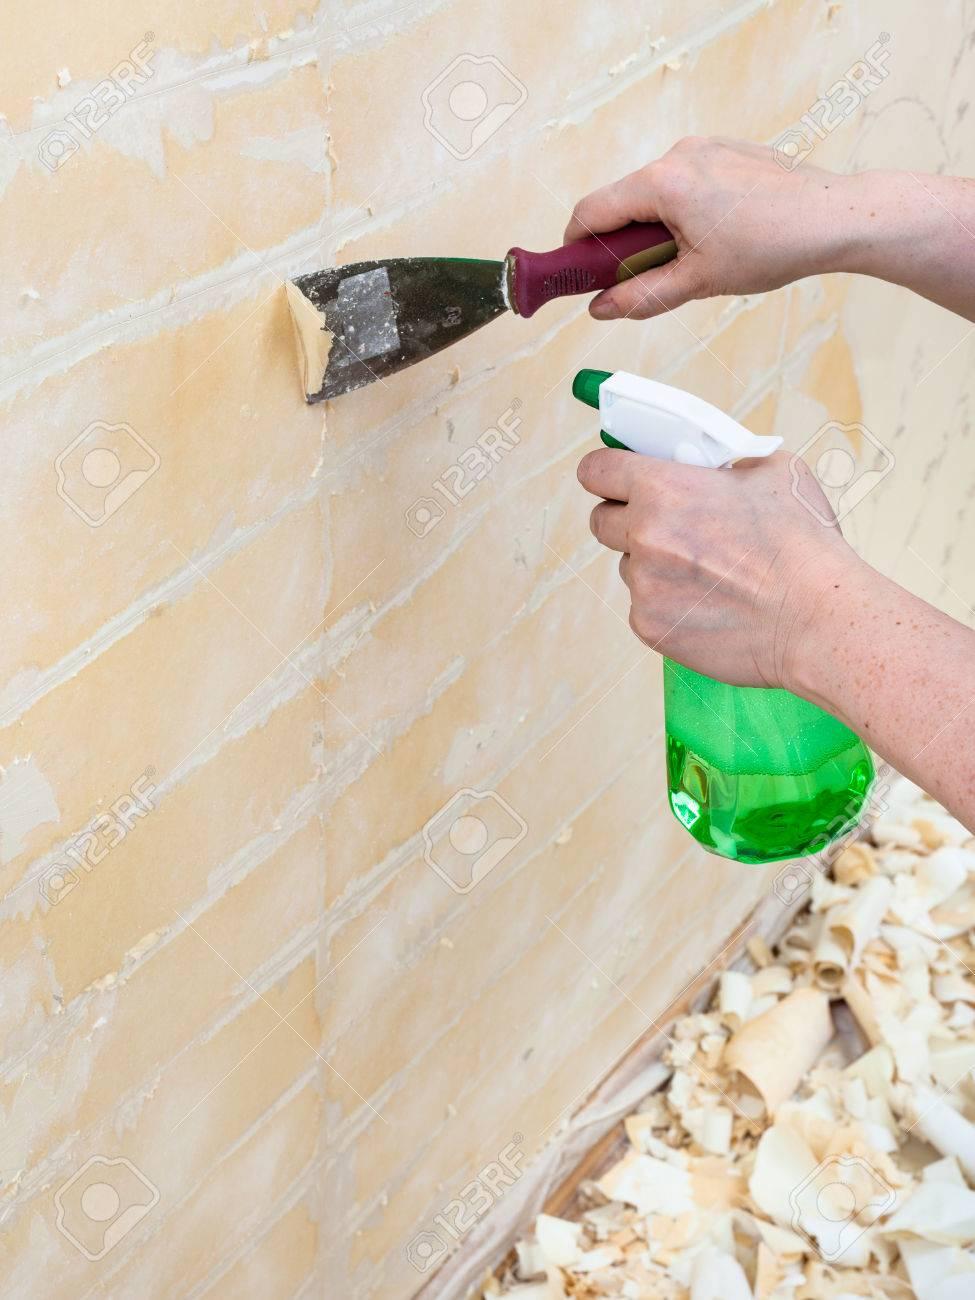 Fesselnd Renovierung Der Wohnung, Tapezierung: Vorbereitung Der Wände. Entfernen Von  Nassen Alten Tapeten Mit